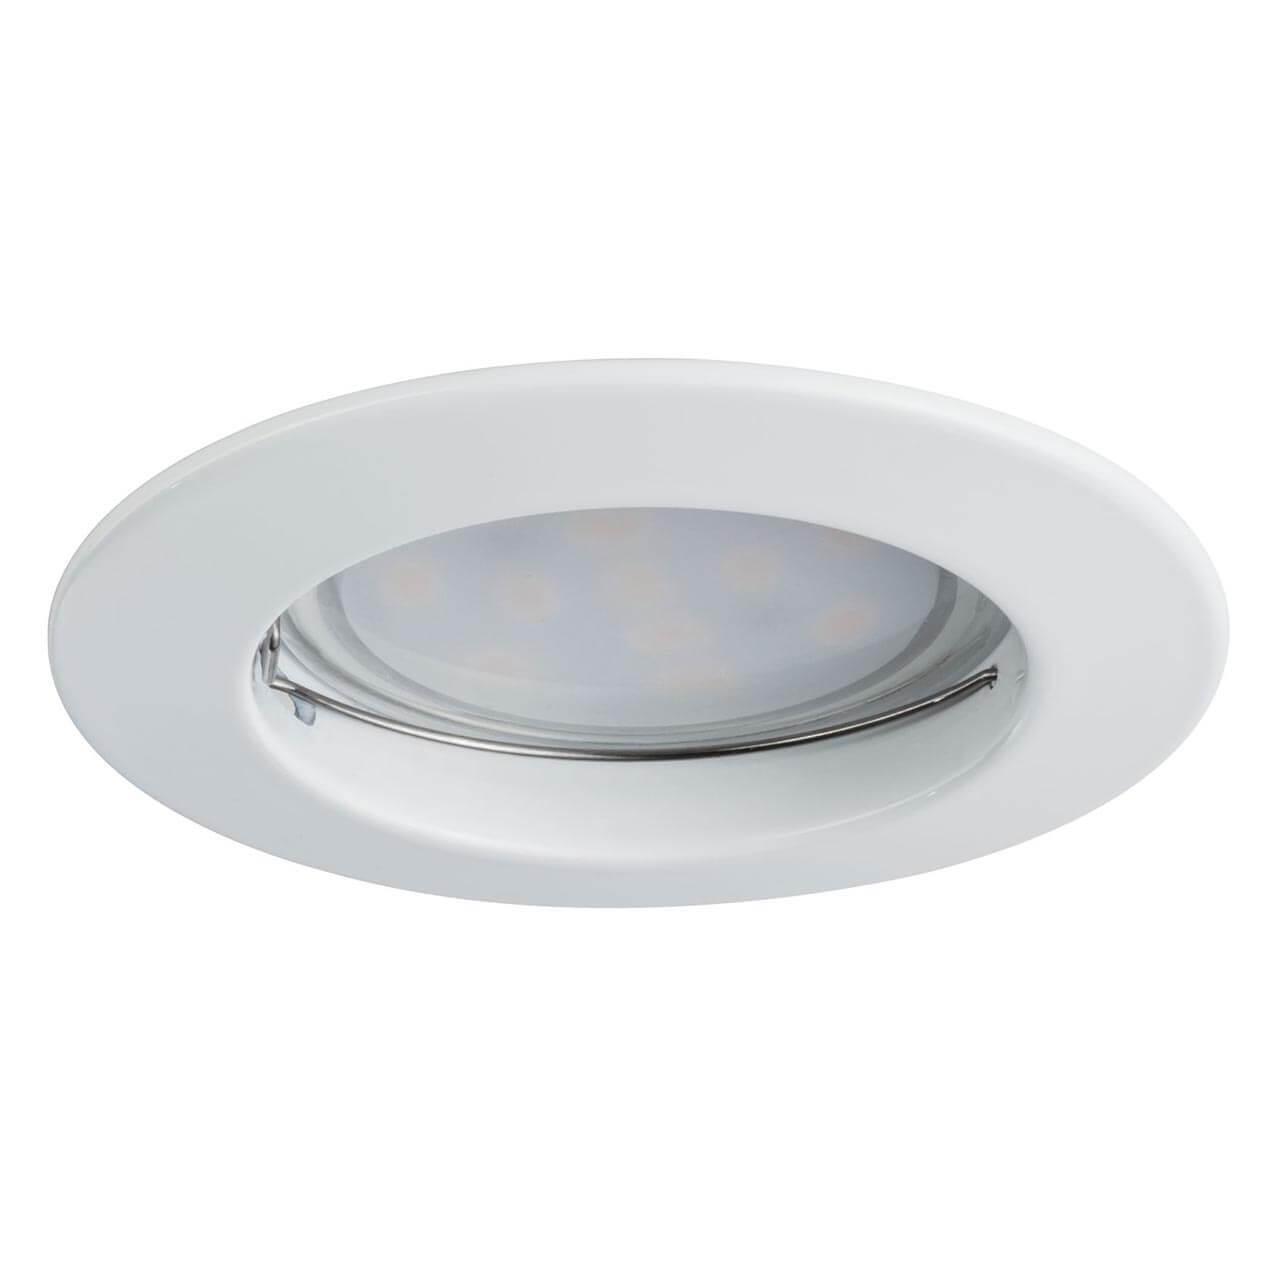 Встраиваемый светодиодный светильник Paulmann Coin 93955 цены